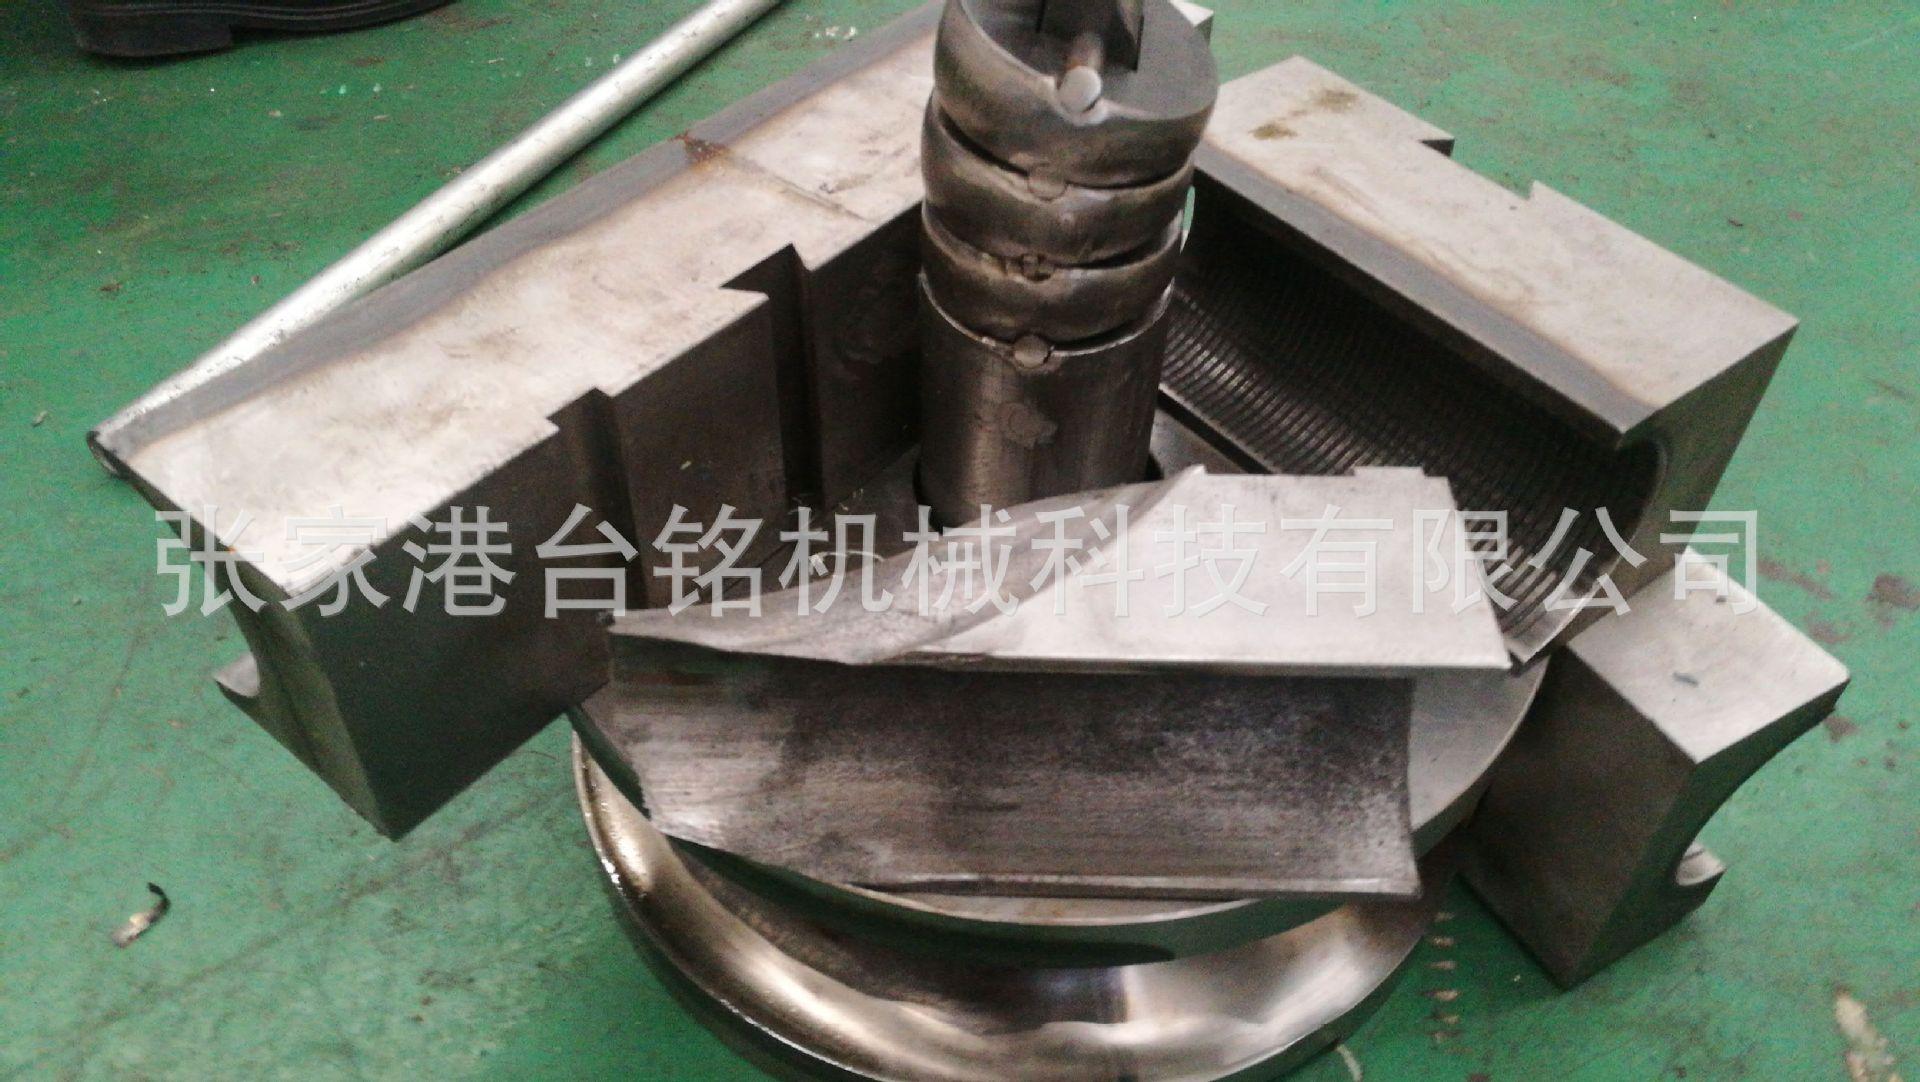 数控液压弯管机模具万向弯管模芯棒 厂家直销模具芯棒